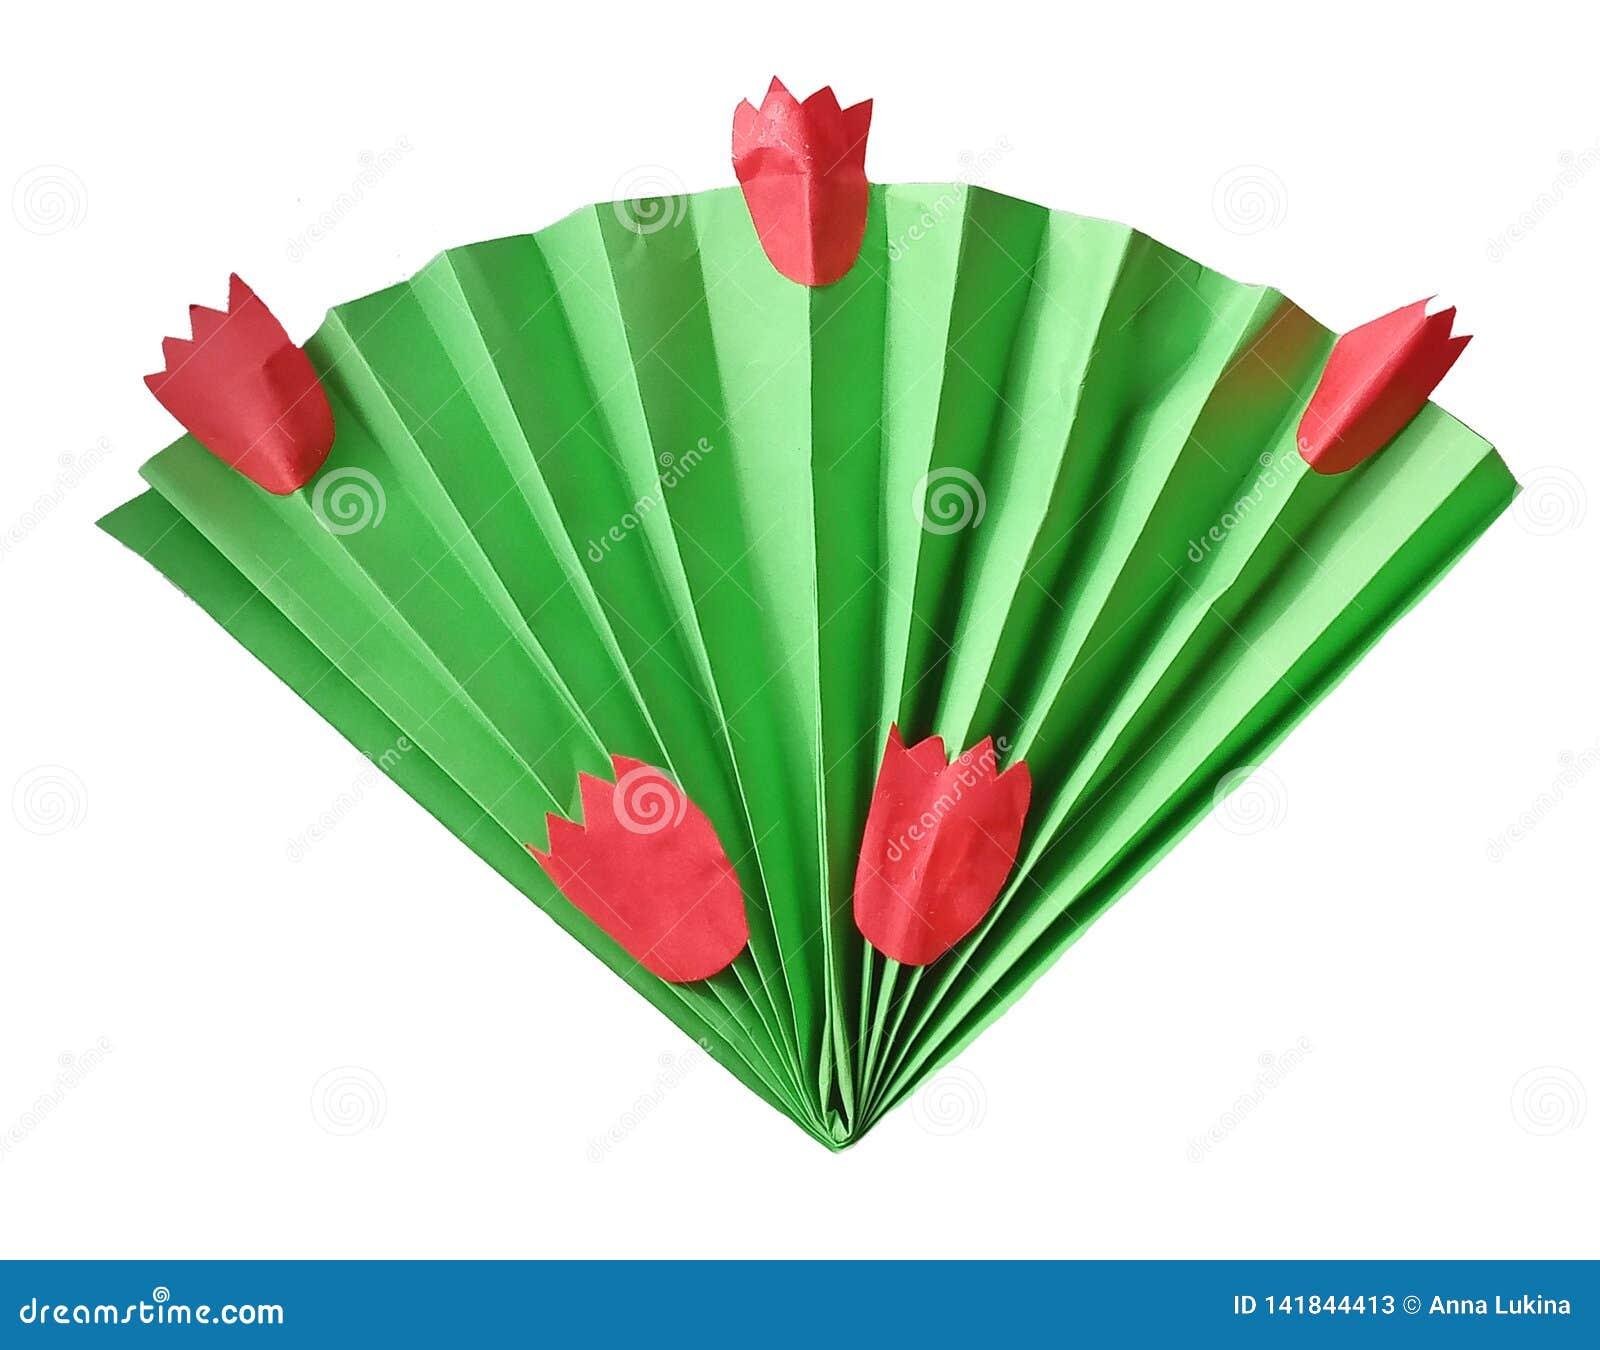 Fanen av papper i origami utformar att likna en bukett av sidor och tulpan